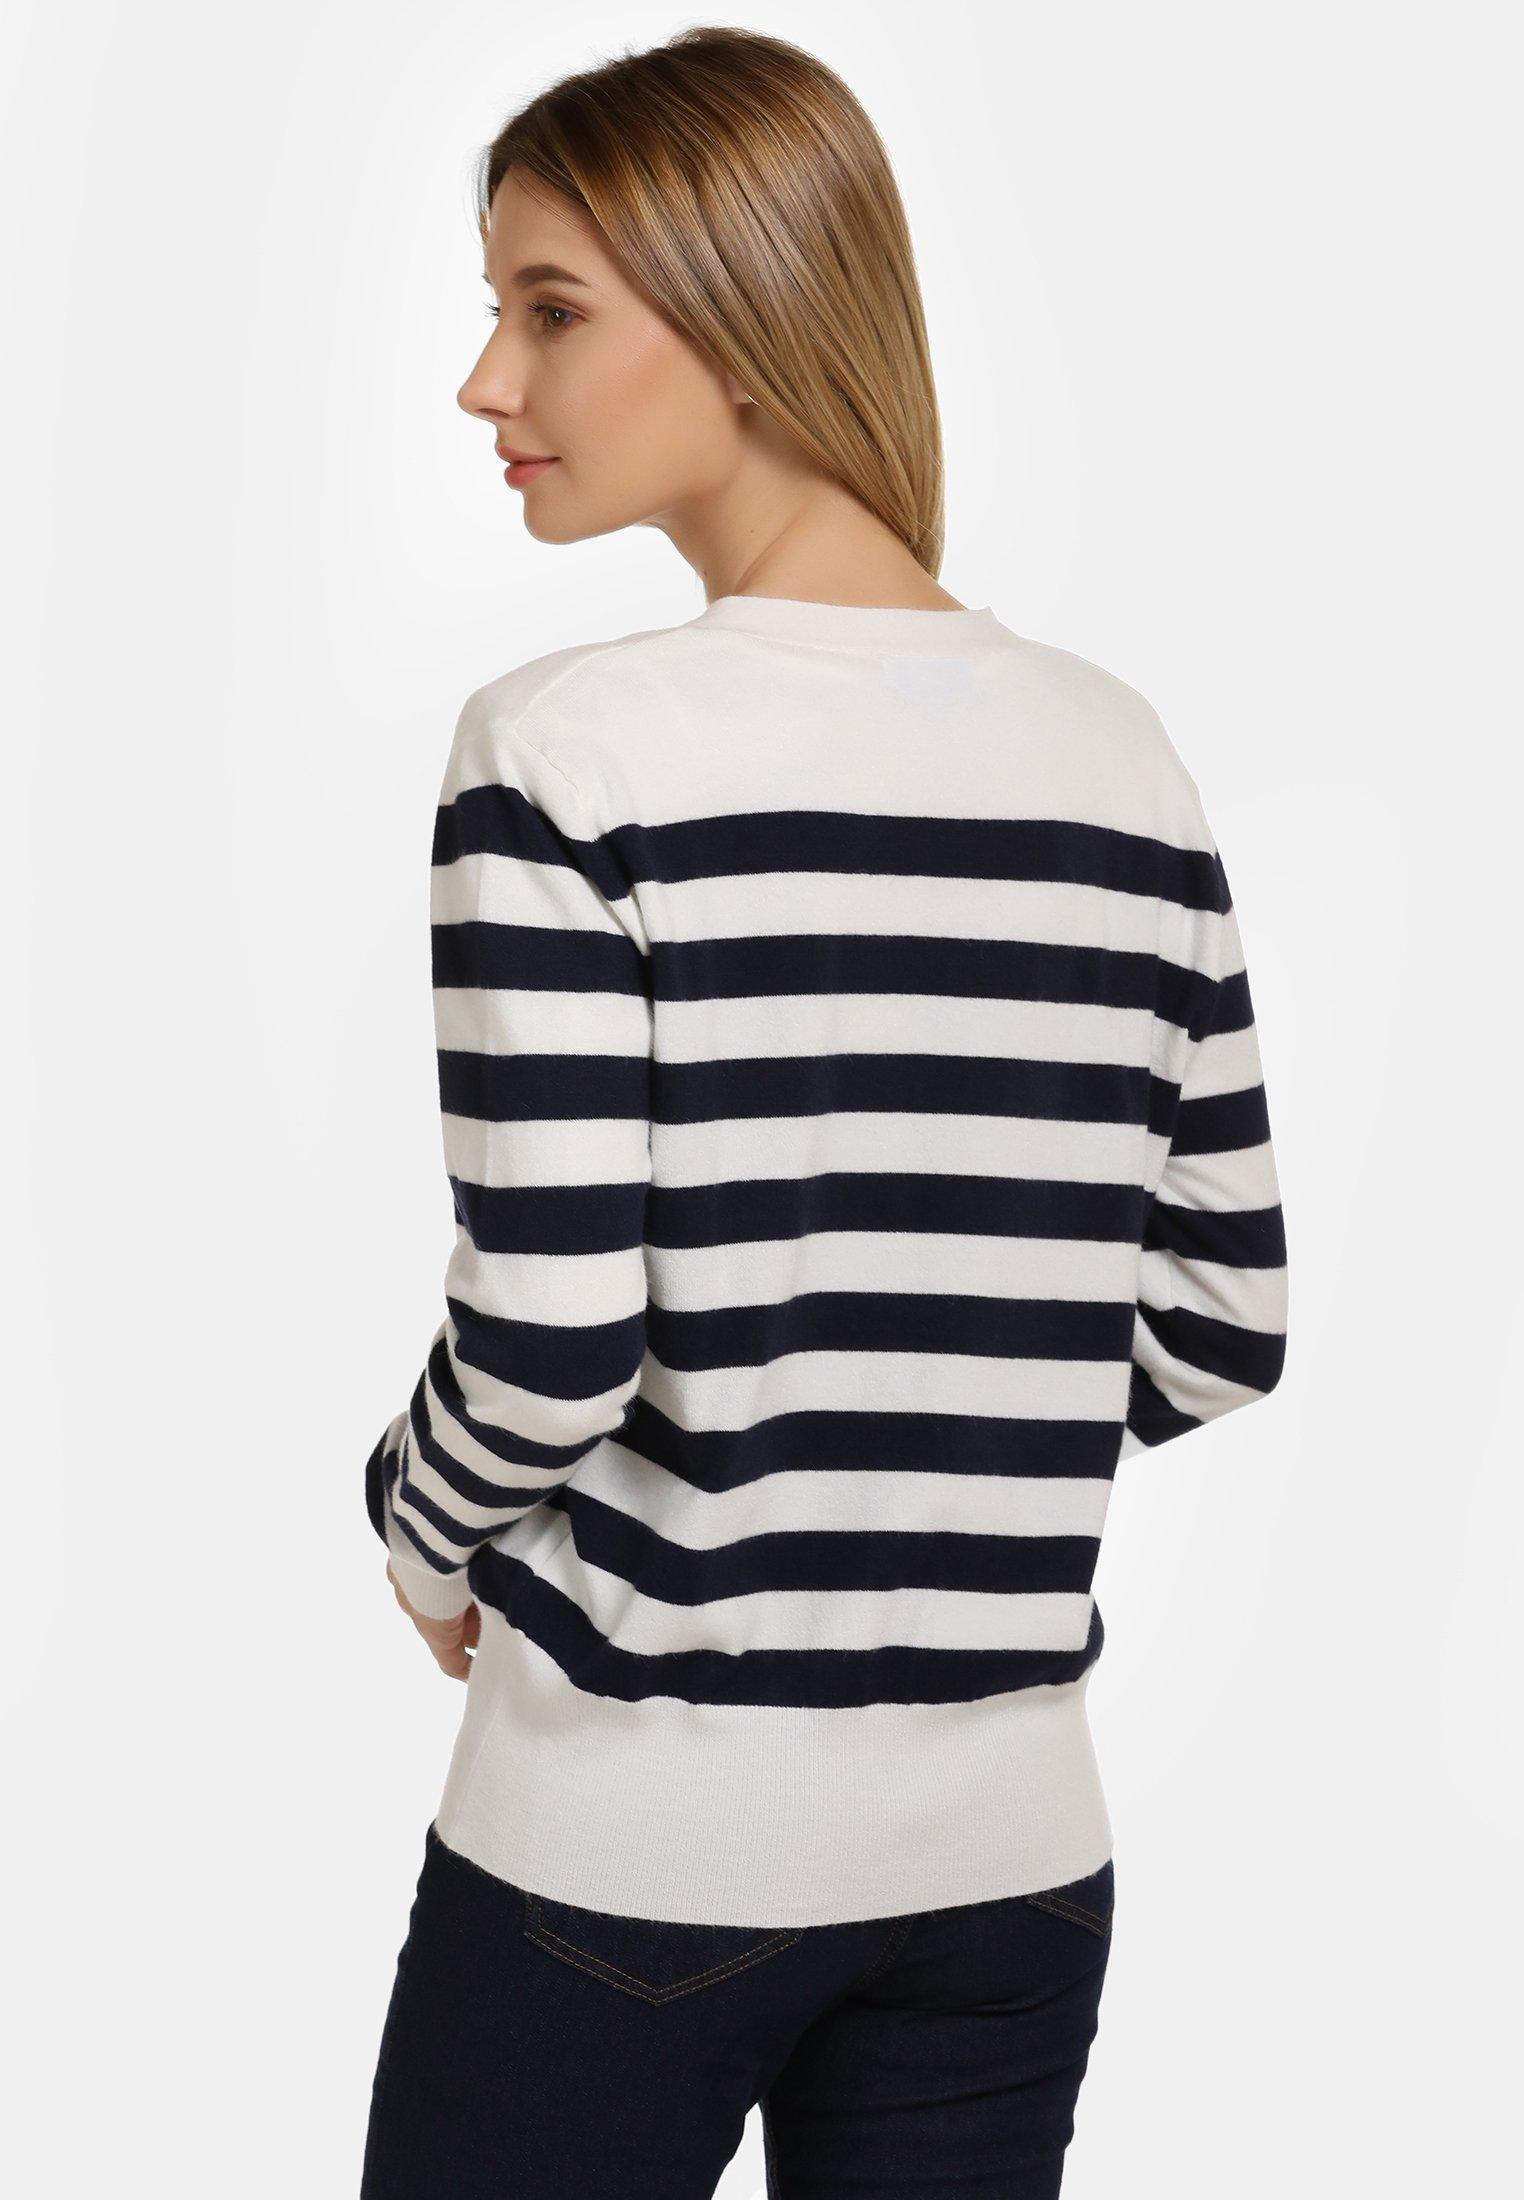 Outlet Women's Clothing usha Cardigan off-white/navy s4UVyhGIW